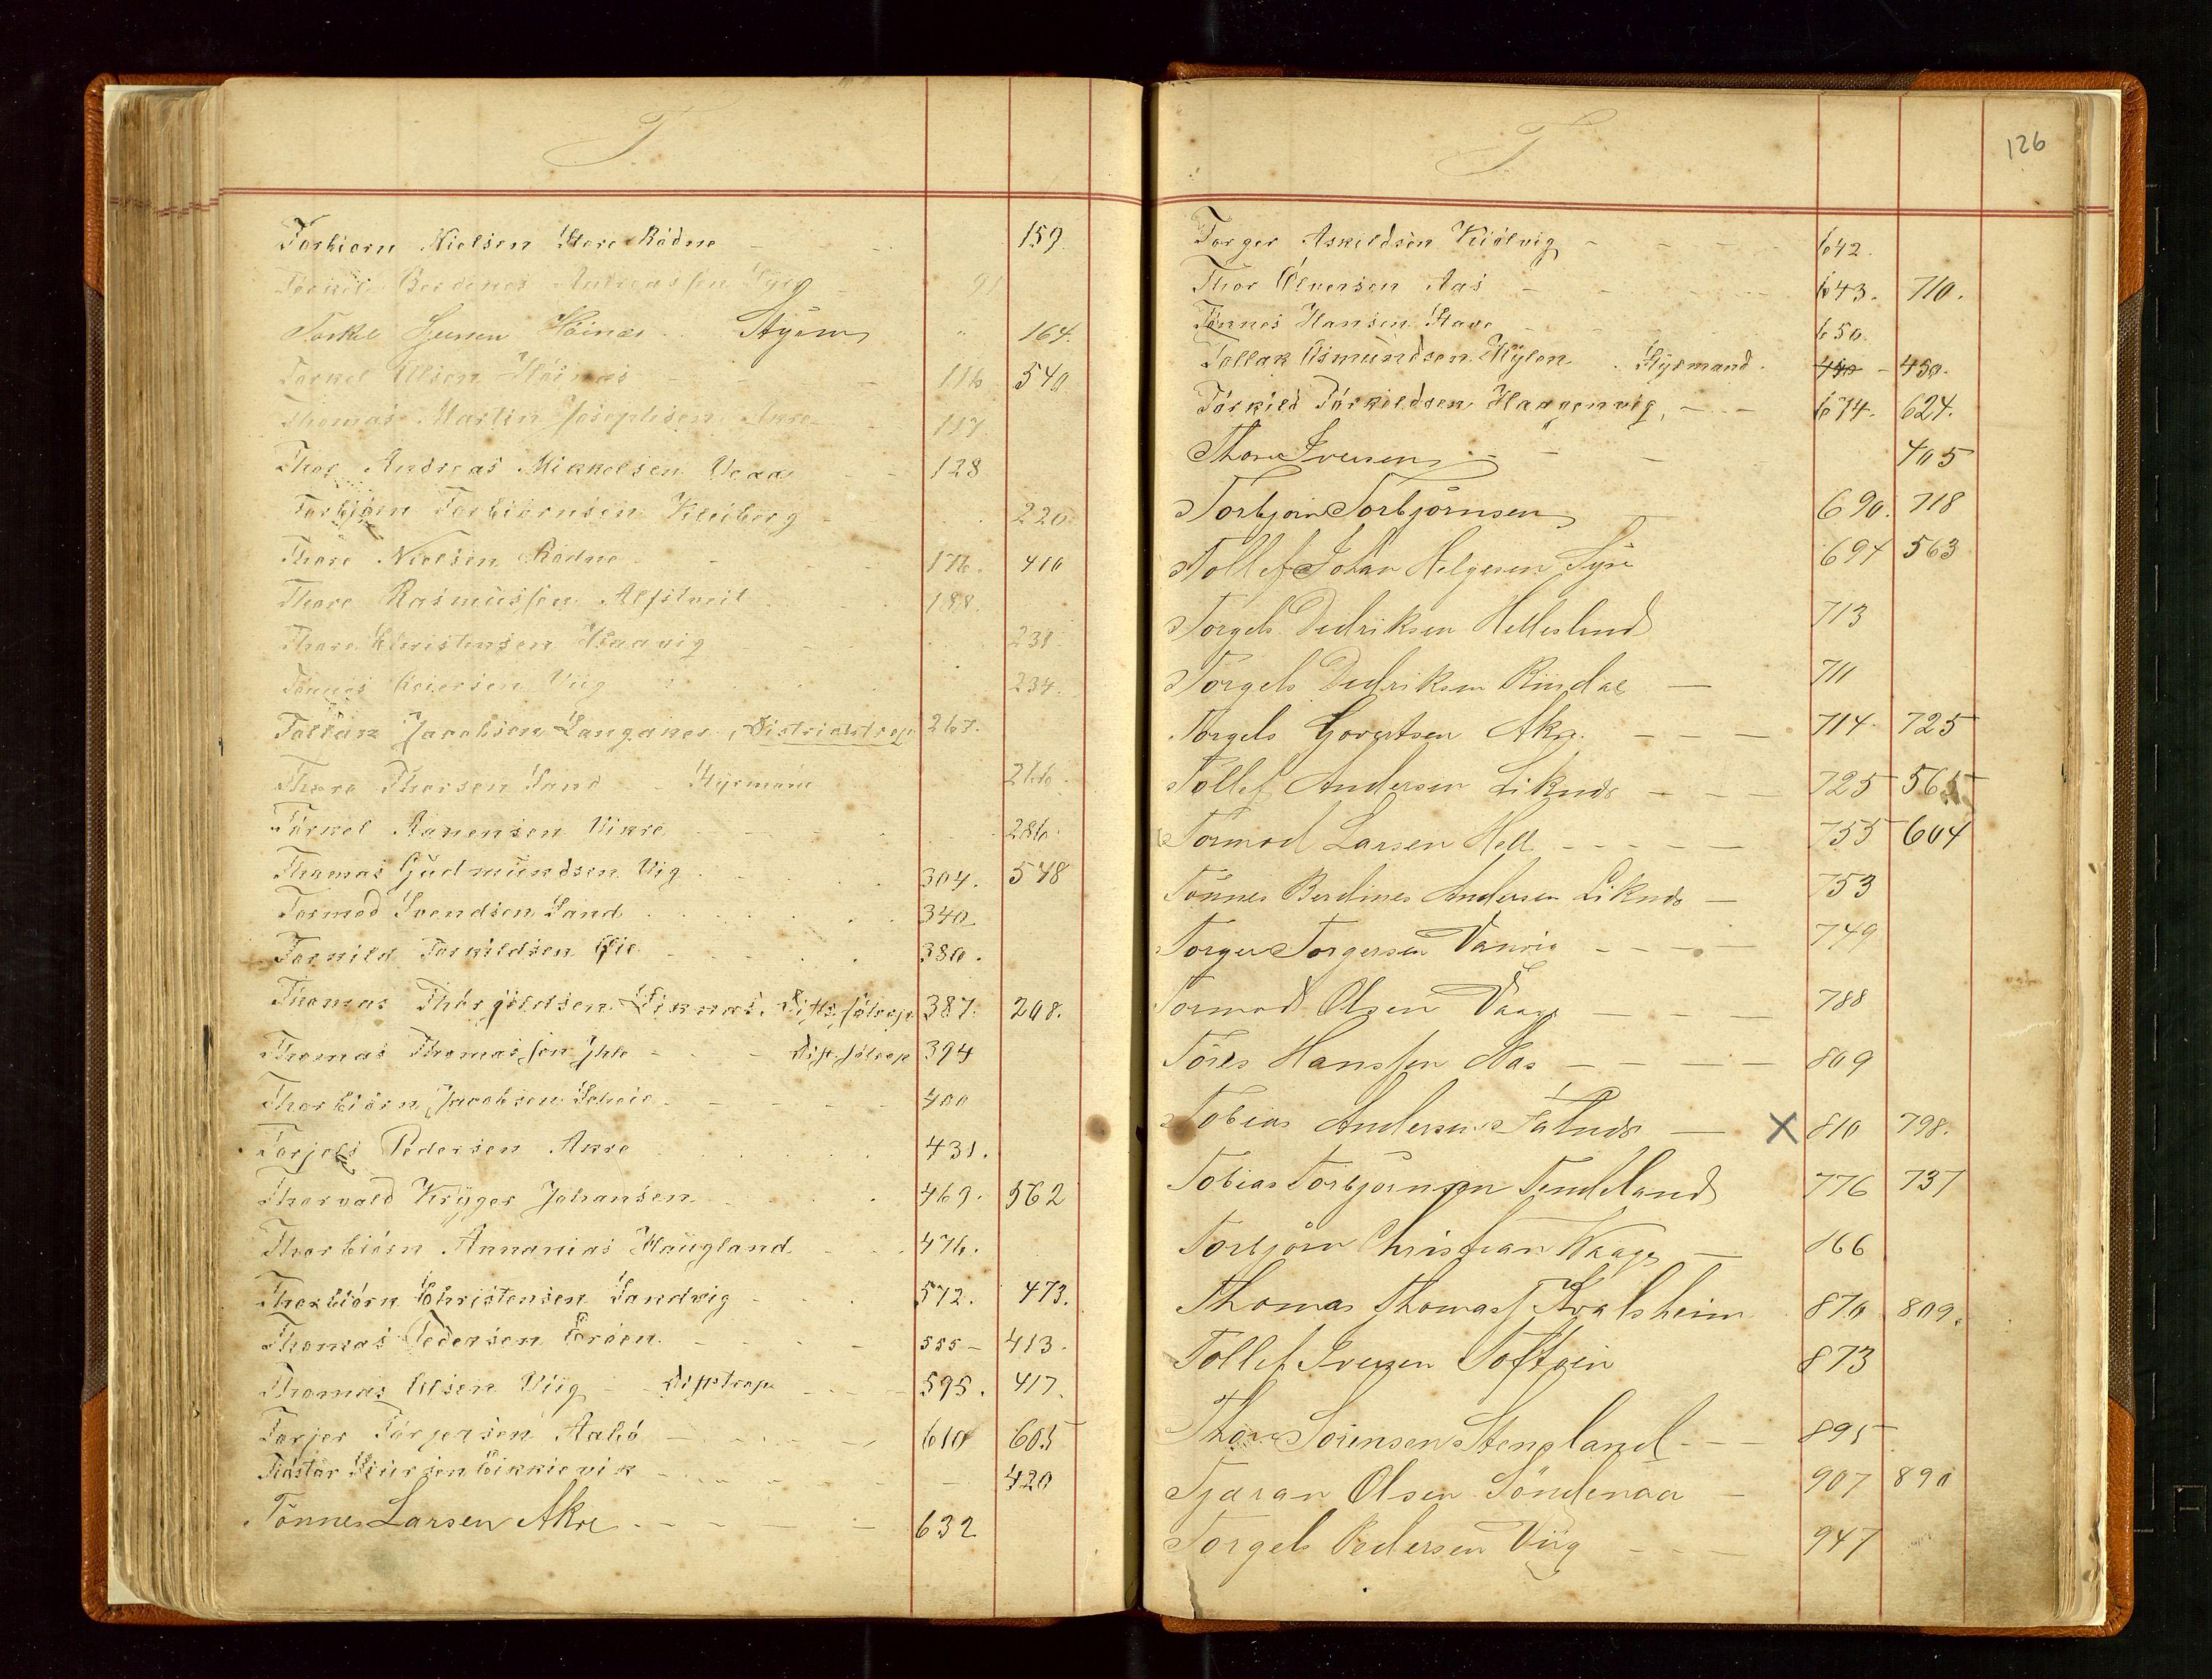 SAST, Haugesund sjømannskontor, F/Fb/Fba/L0003: Navneregister med henvisning til rullenummer (fornavn) Haugesund krets, 1860-1948, s. 126